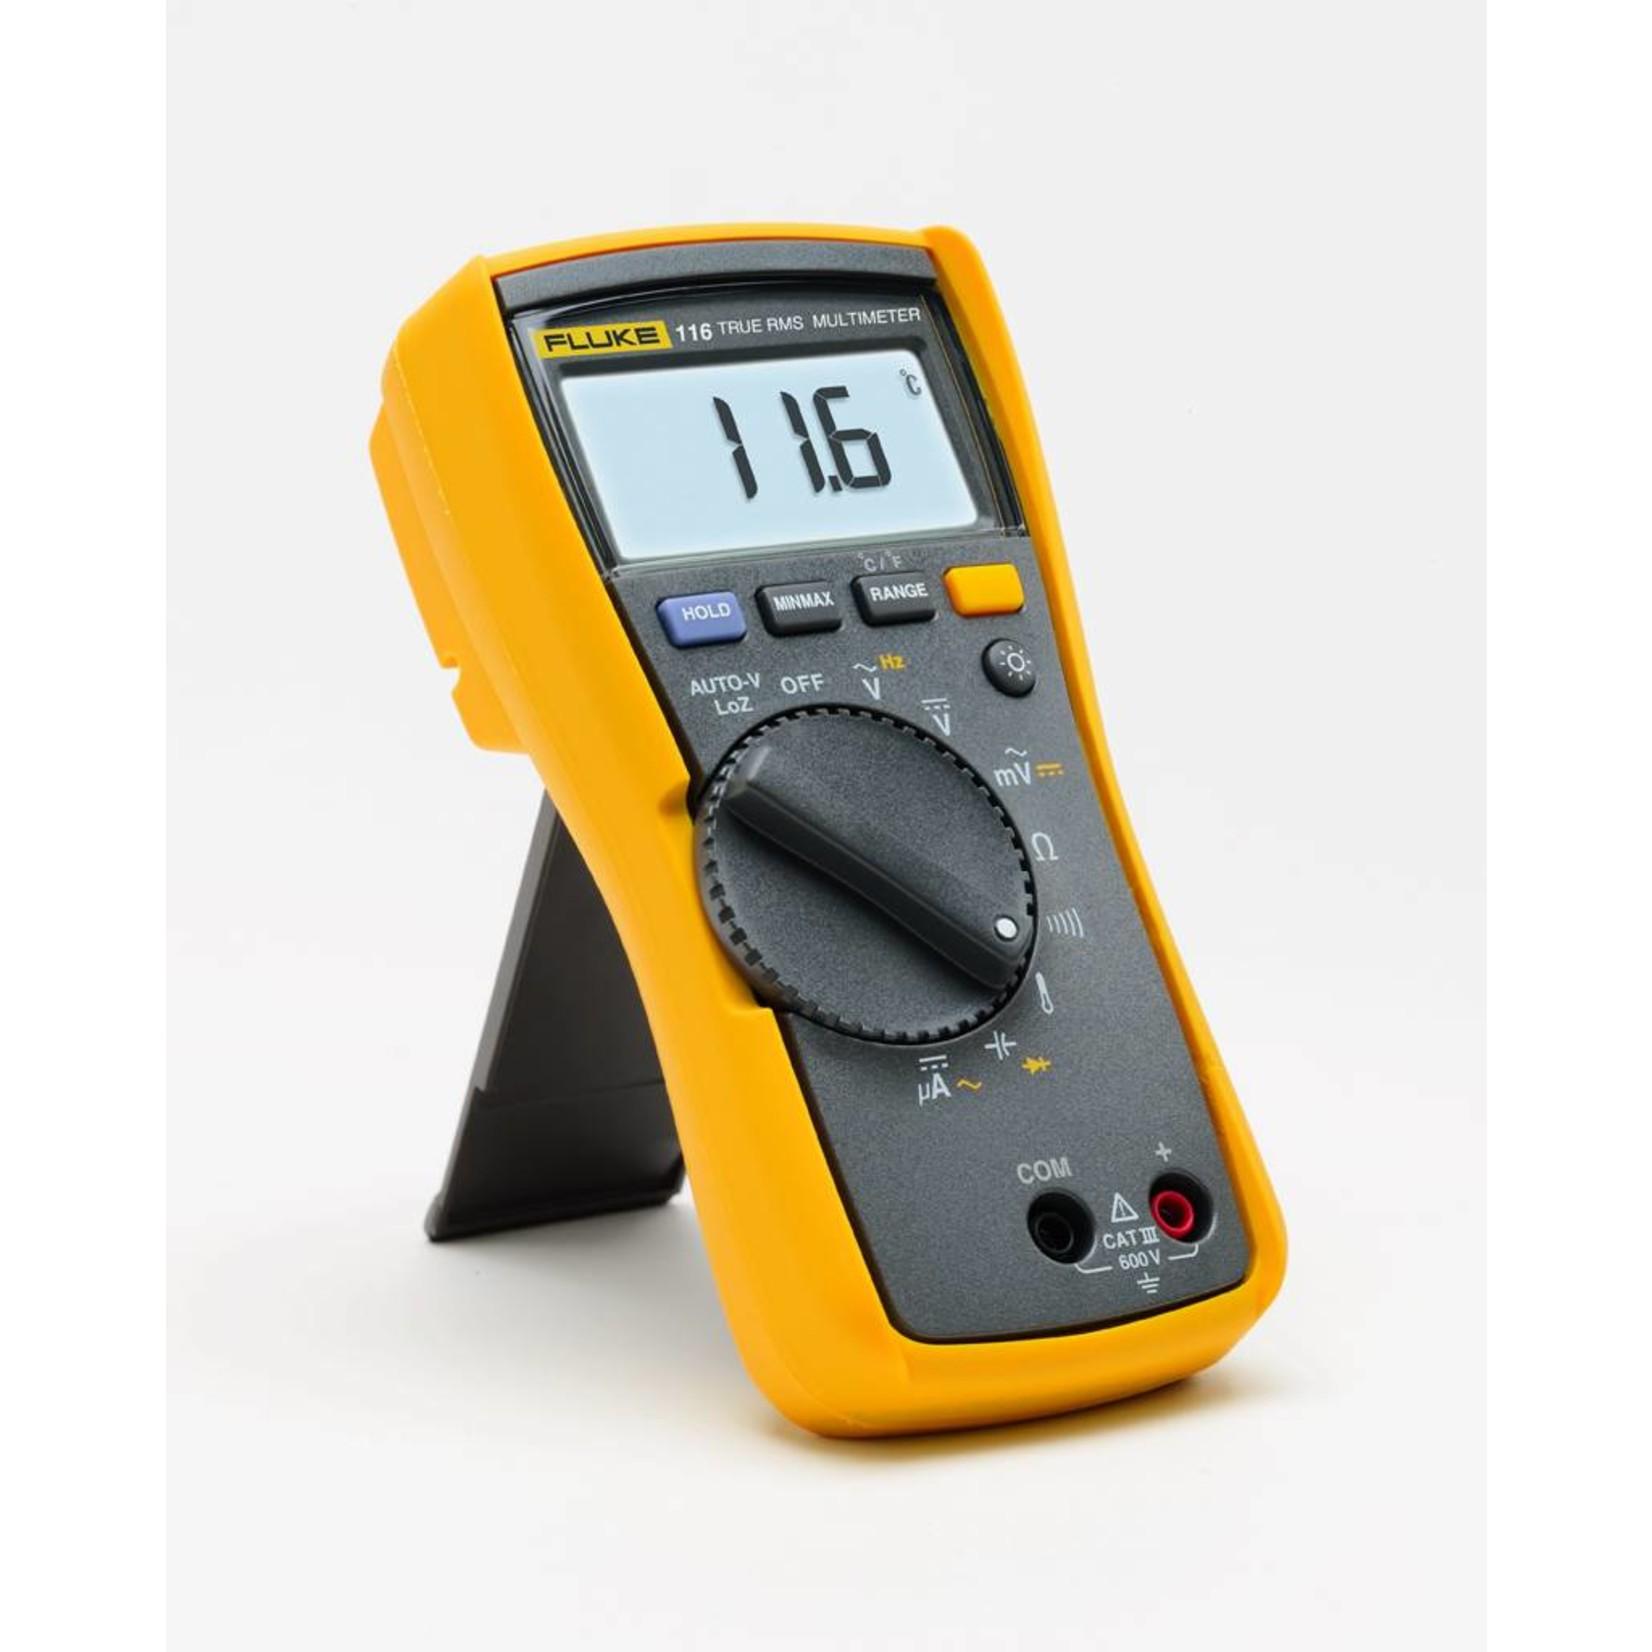 Fluke Fluke 116 HVAC-multimeter